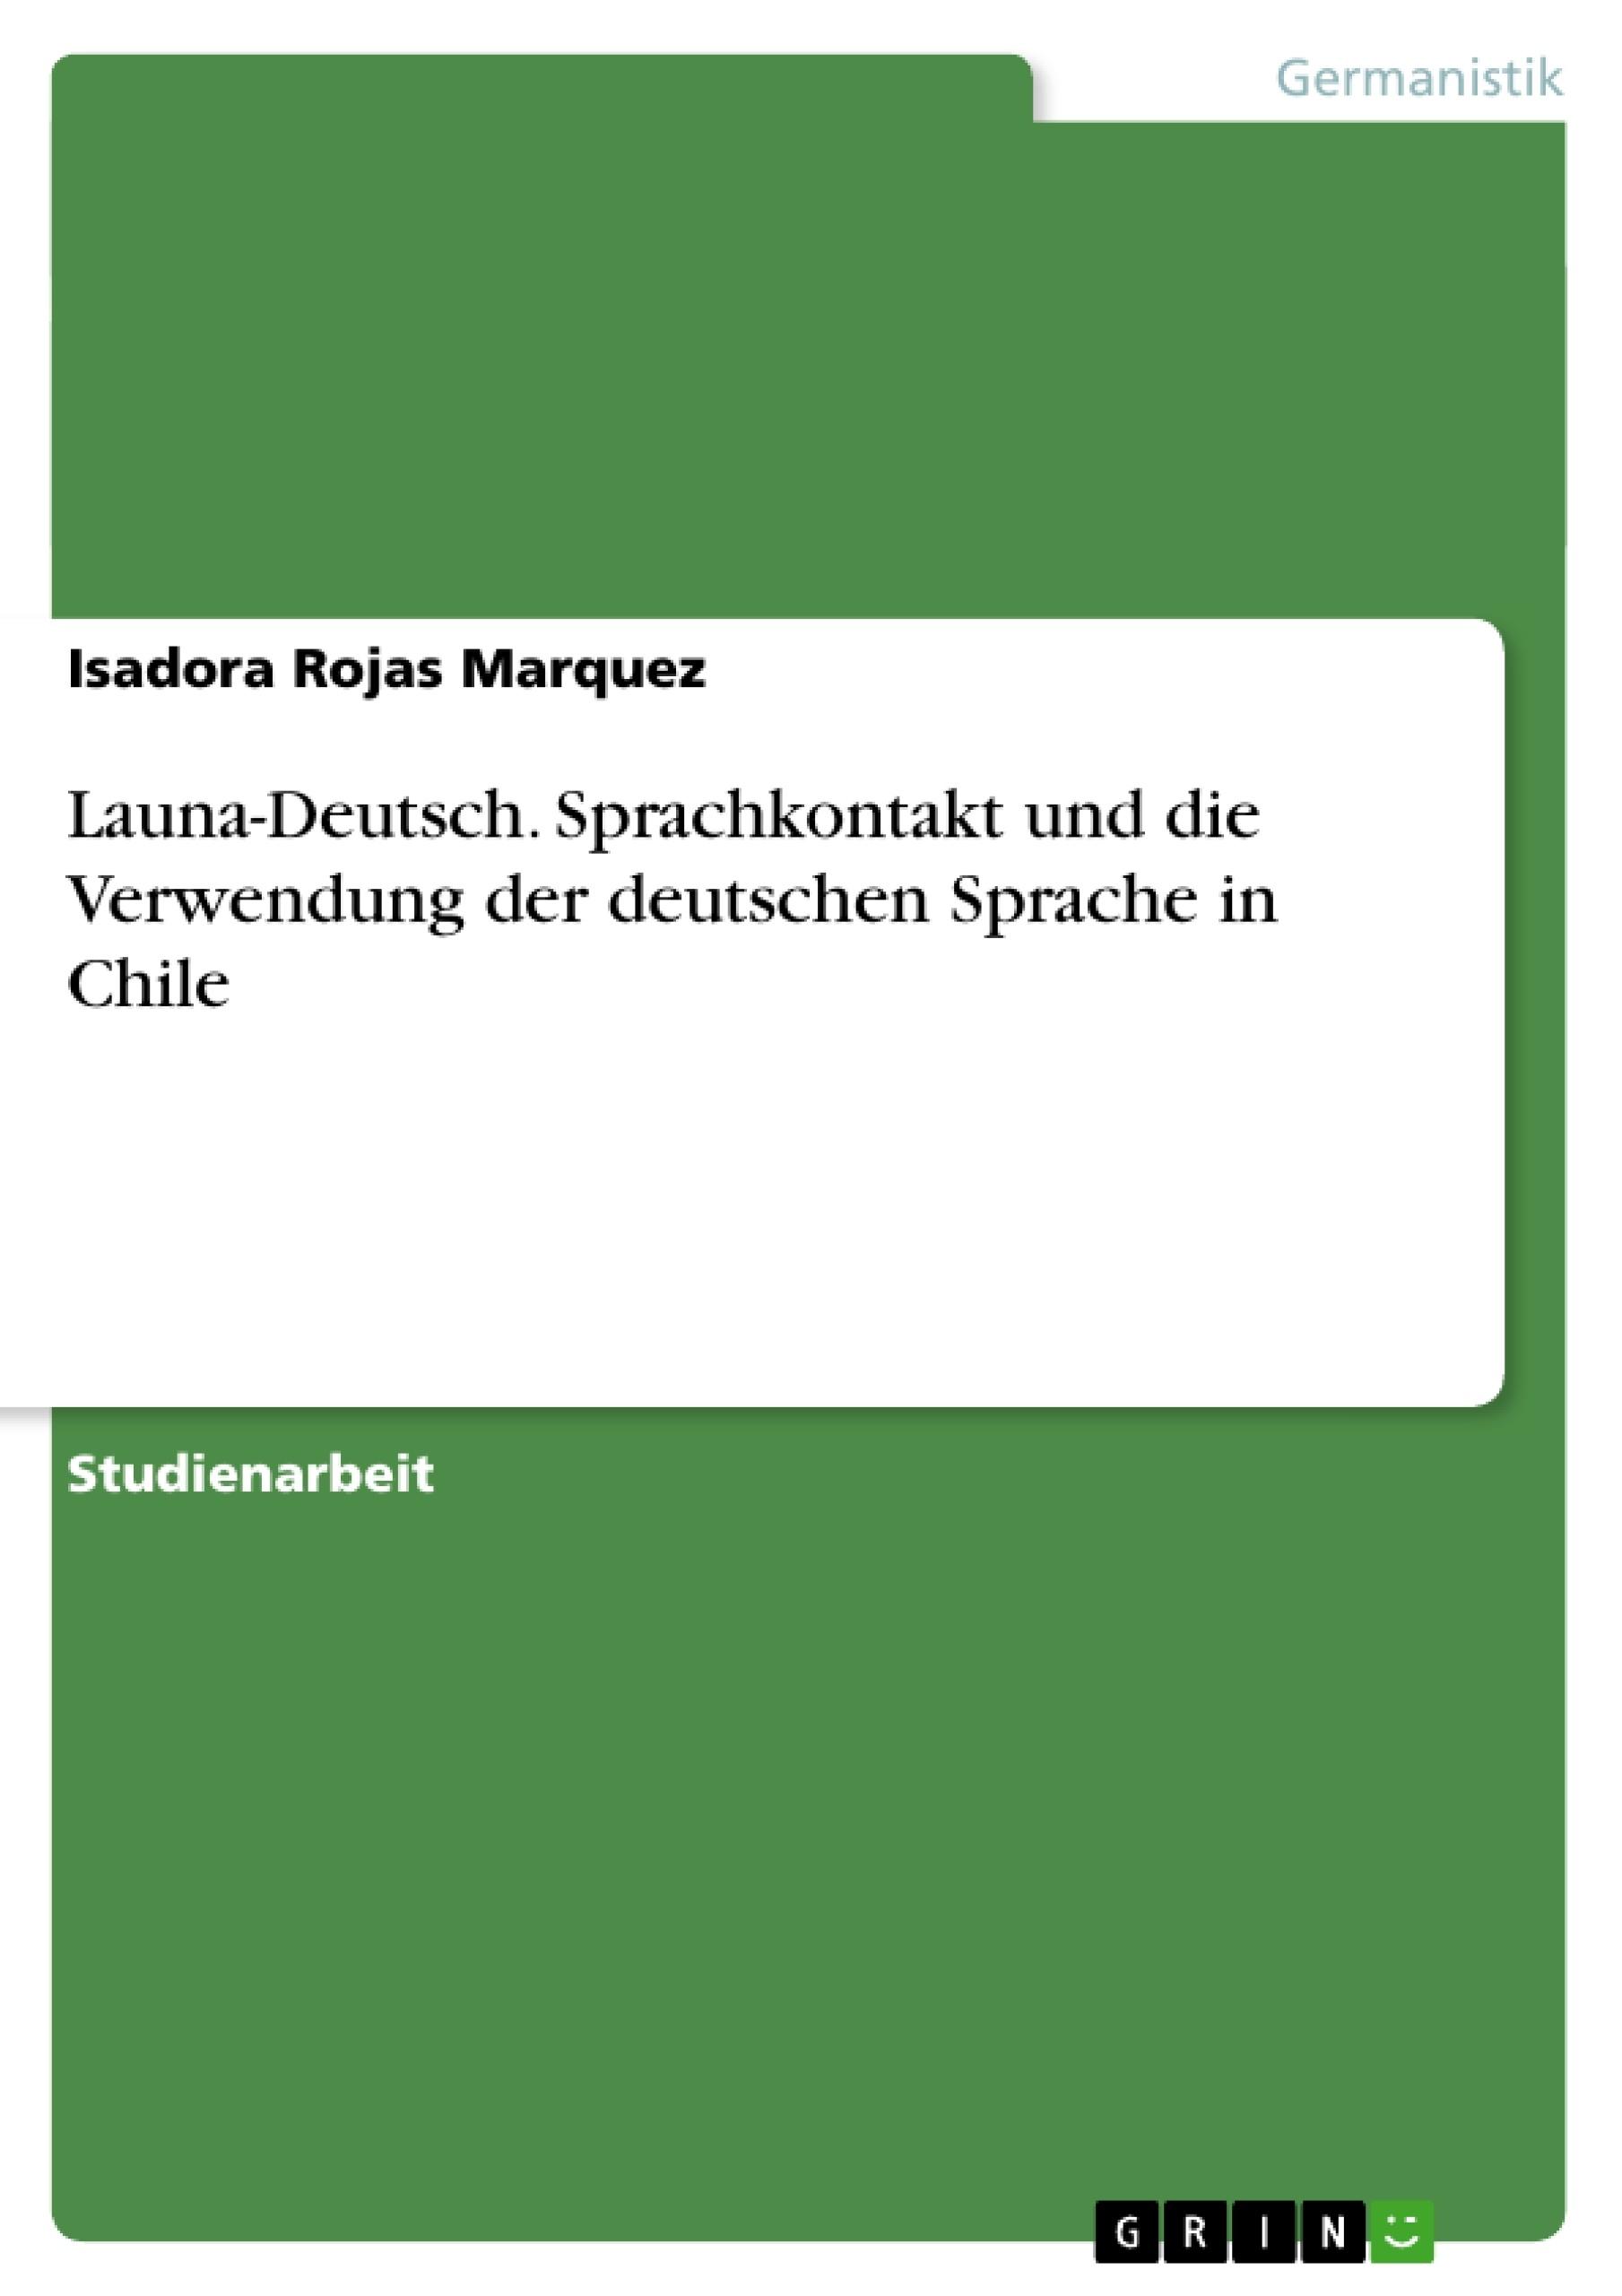 Titel: Launa-Deutsch. Sprachkontakt und die Verwendung  der deutschen Sprache in Chile